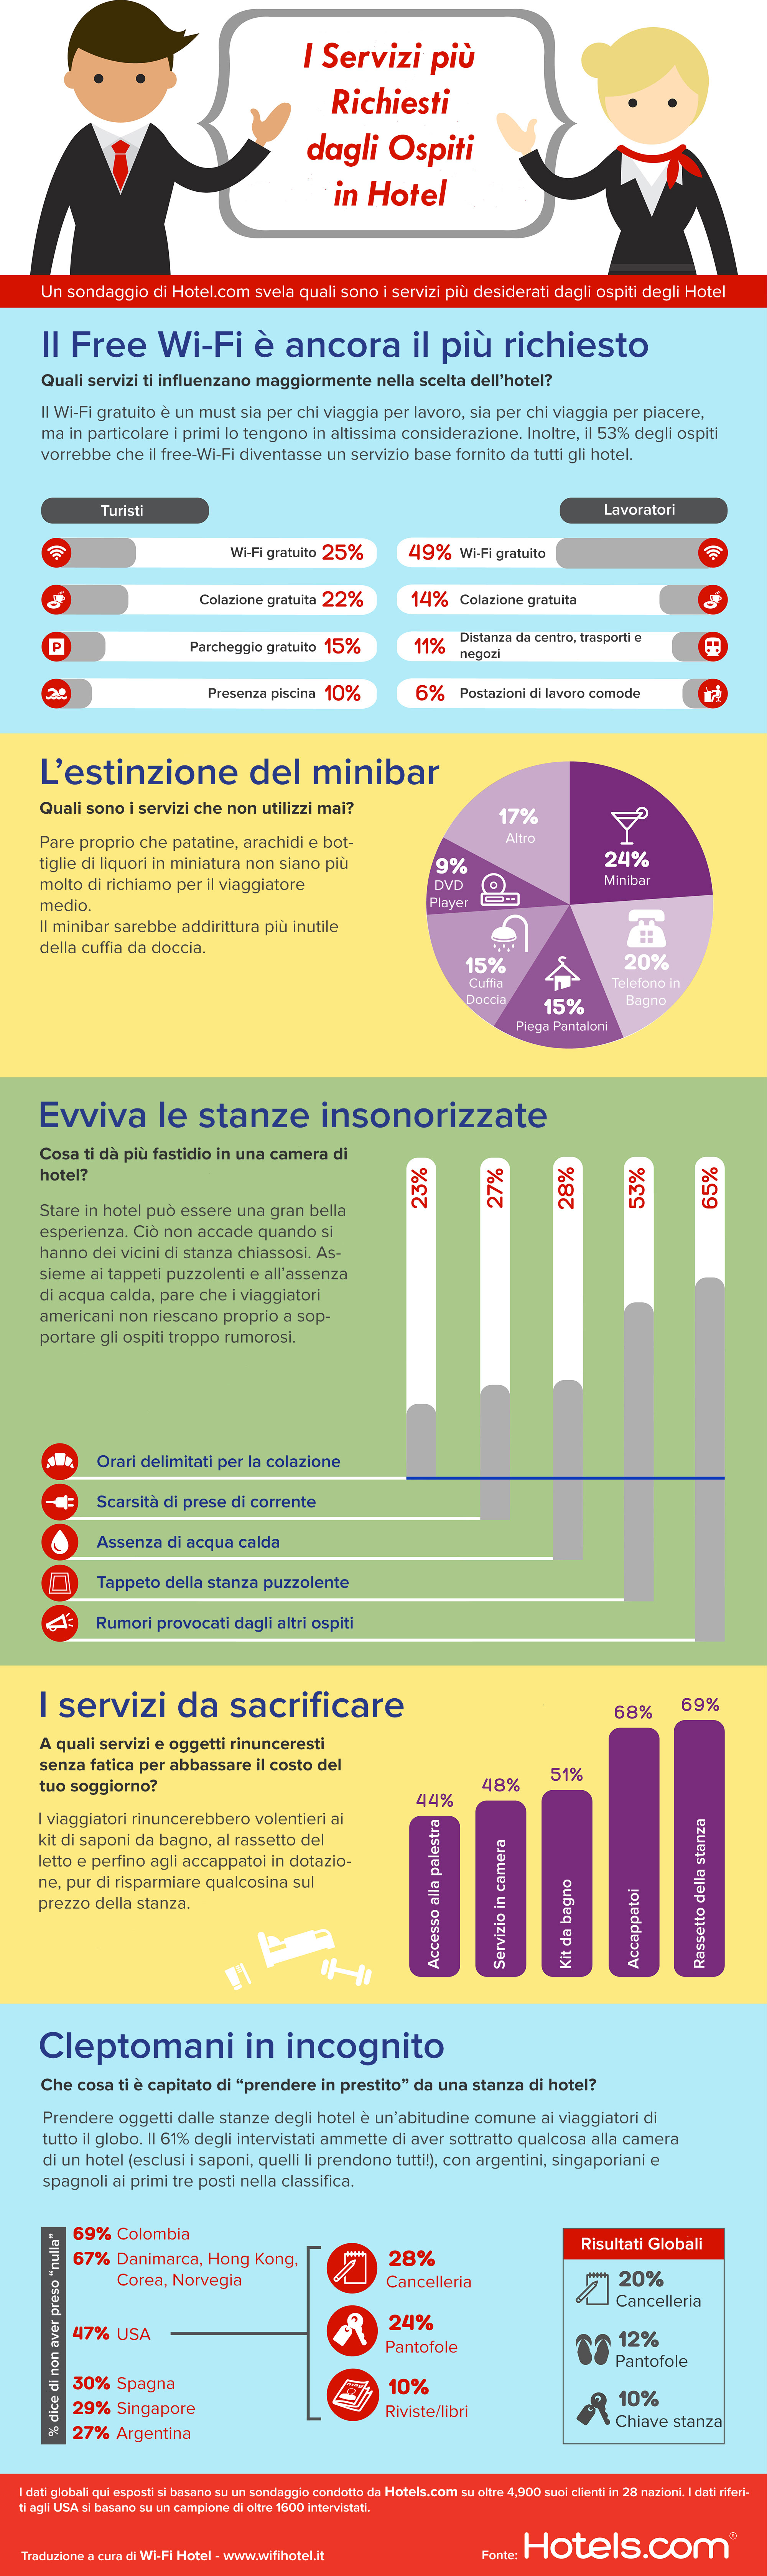 Infografica che illustra dati sulla supremazia del servizio free wifi in hotel nel gradimento da parte degli ospiti .